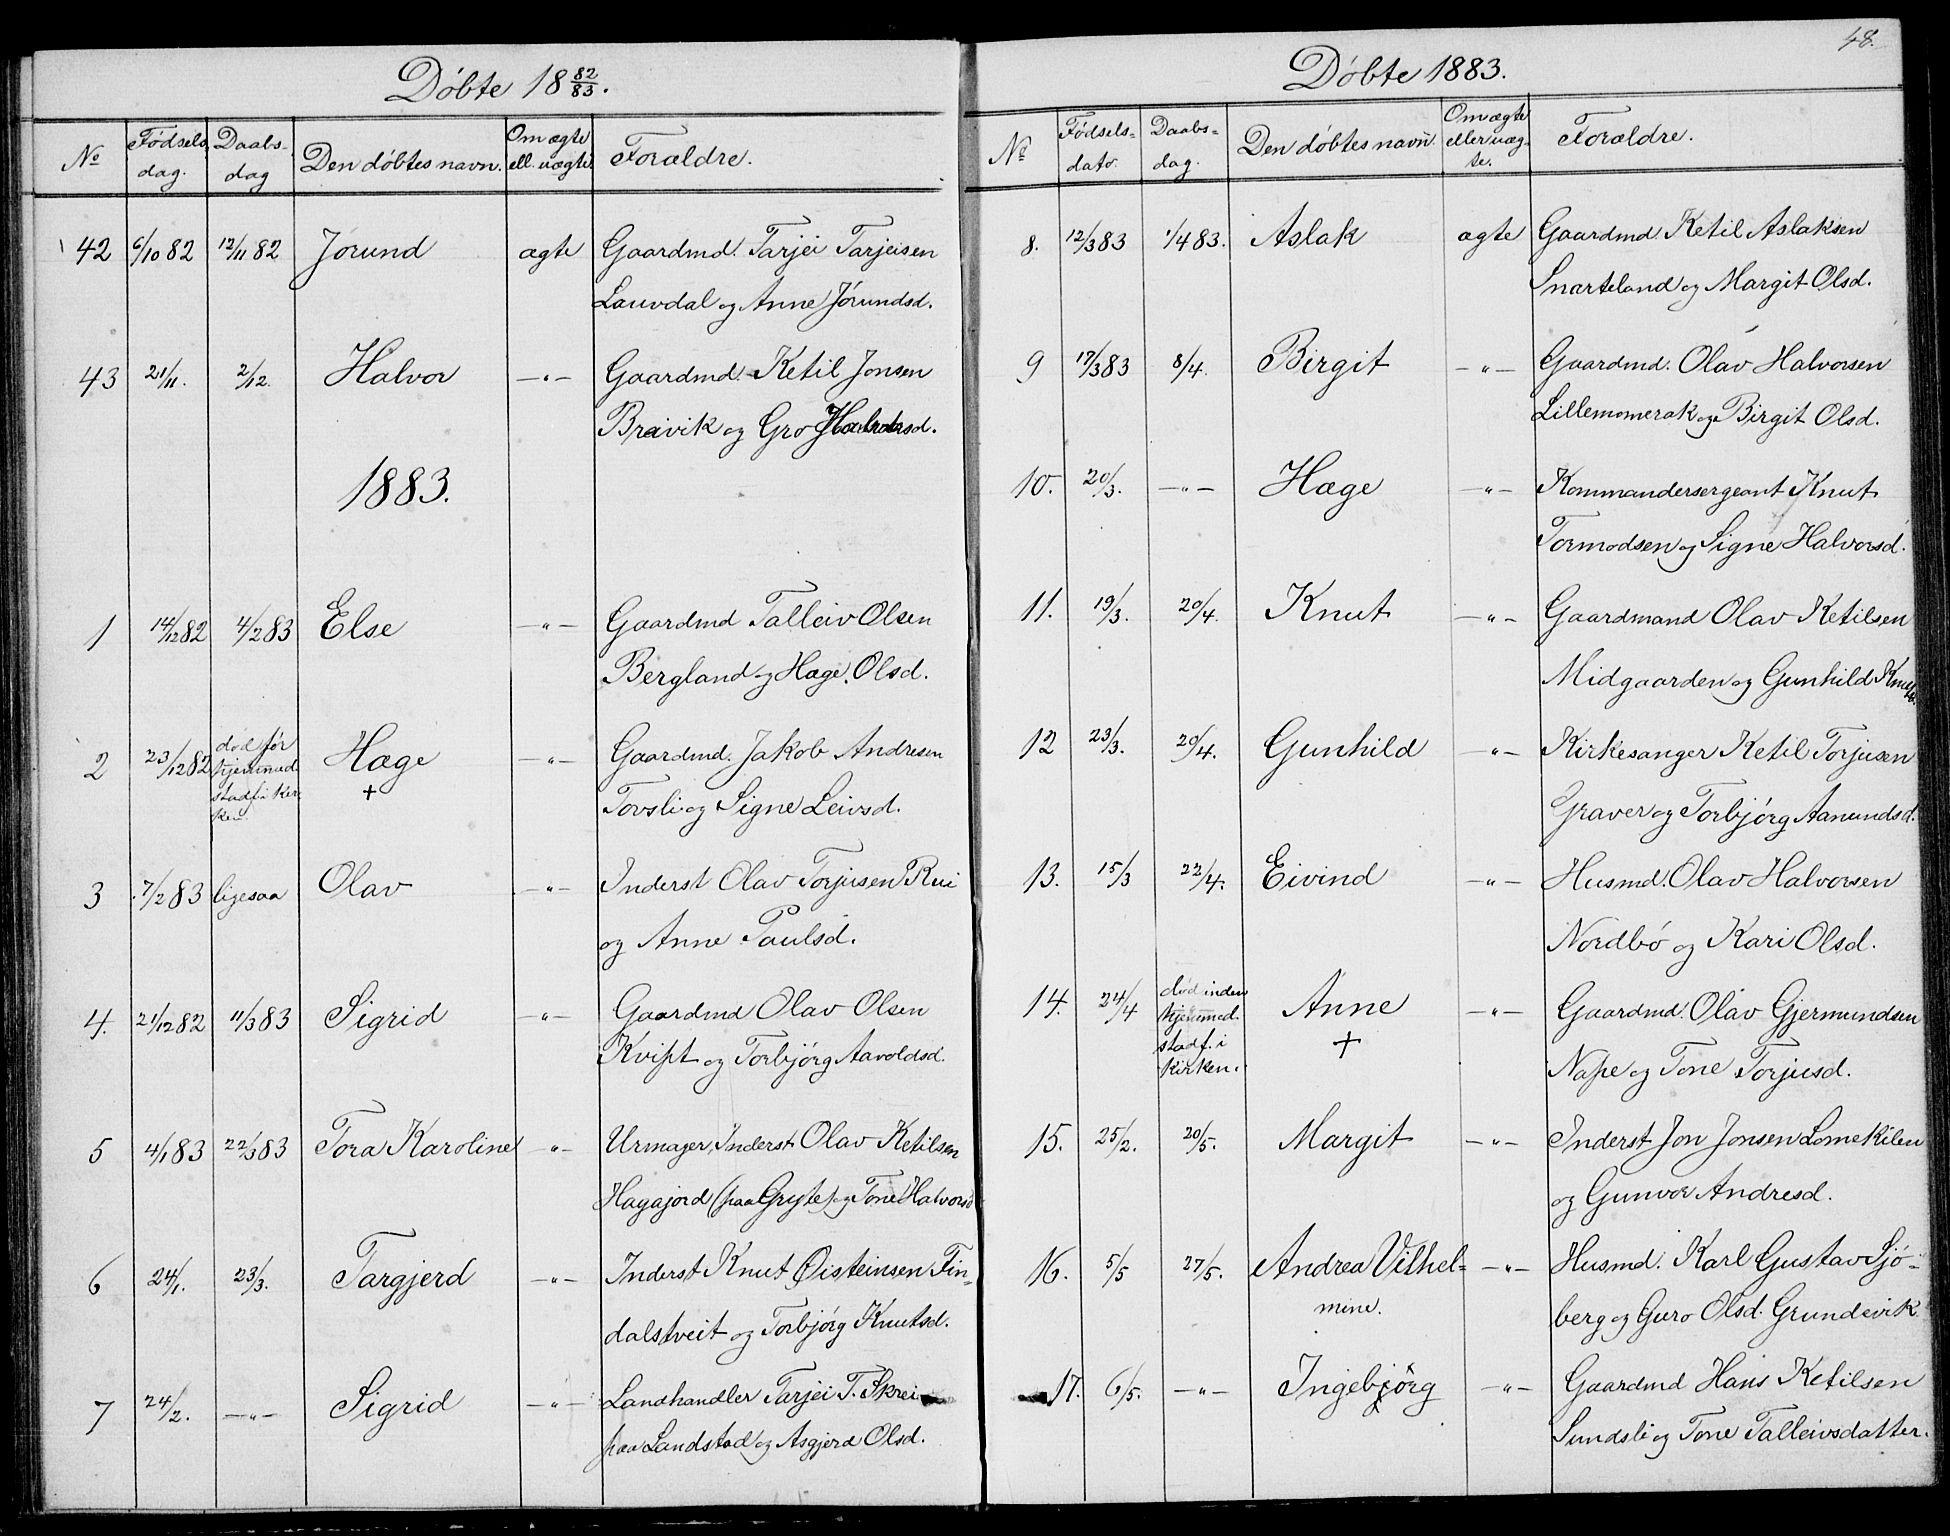 SAKO, Fyresdal kirkebøker, G/Ga/L0004: Klokkerbok nr. I 4, 1864-1892, s. 48